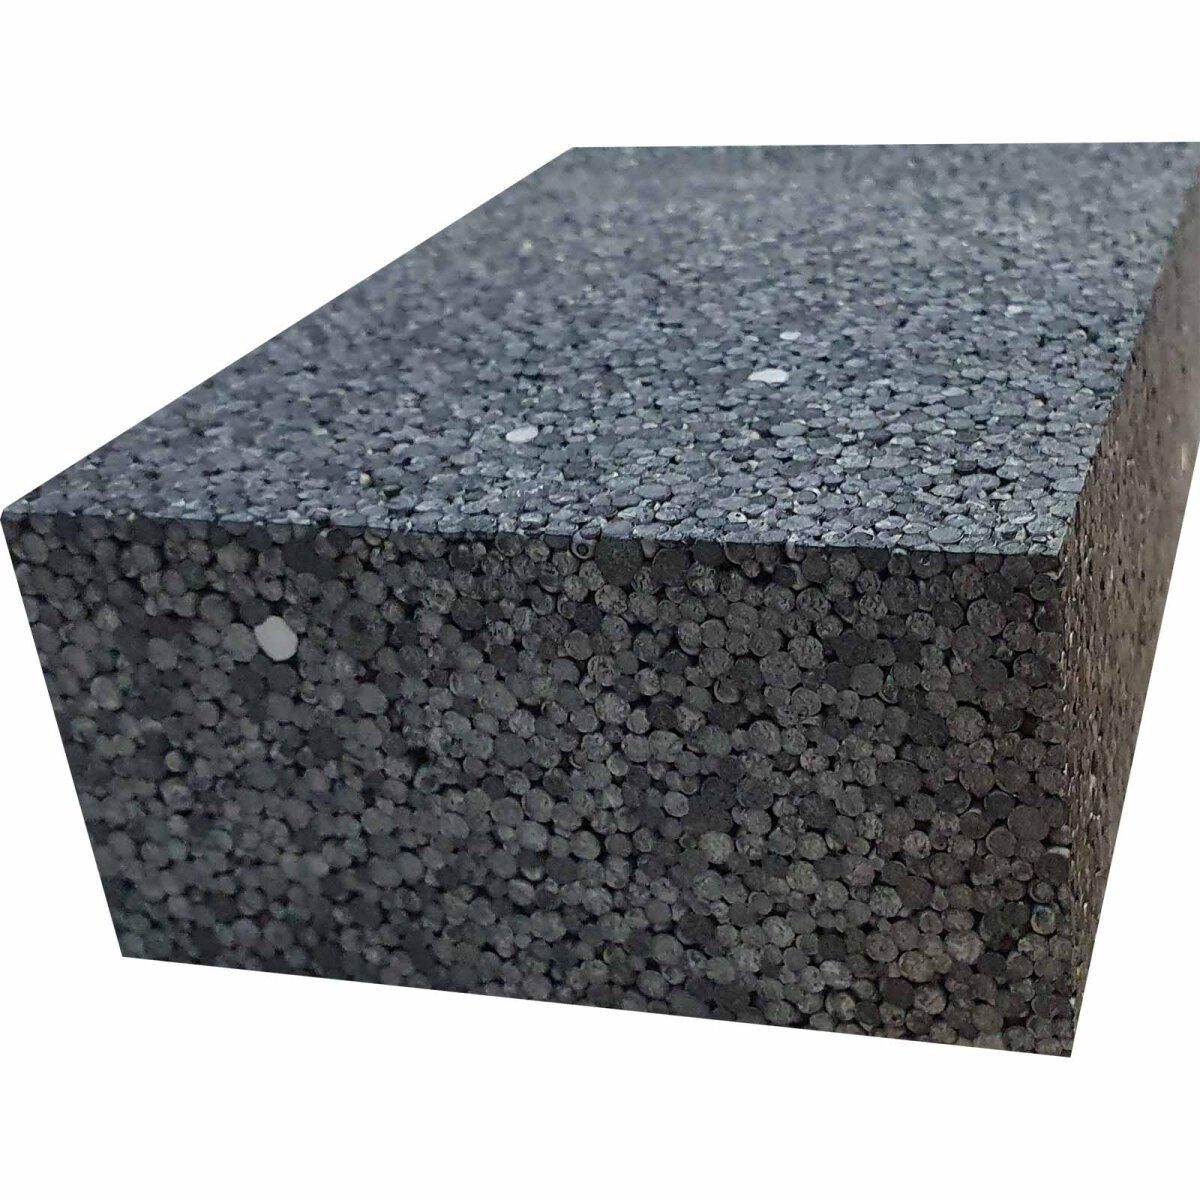 fassadend mmplatte eps wlg 031 wdvs styropor grafit atlas 140 mm 11 20. Black Bedroom Furniture Sets. Home Design Ideas